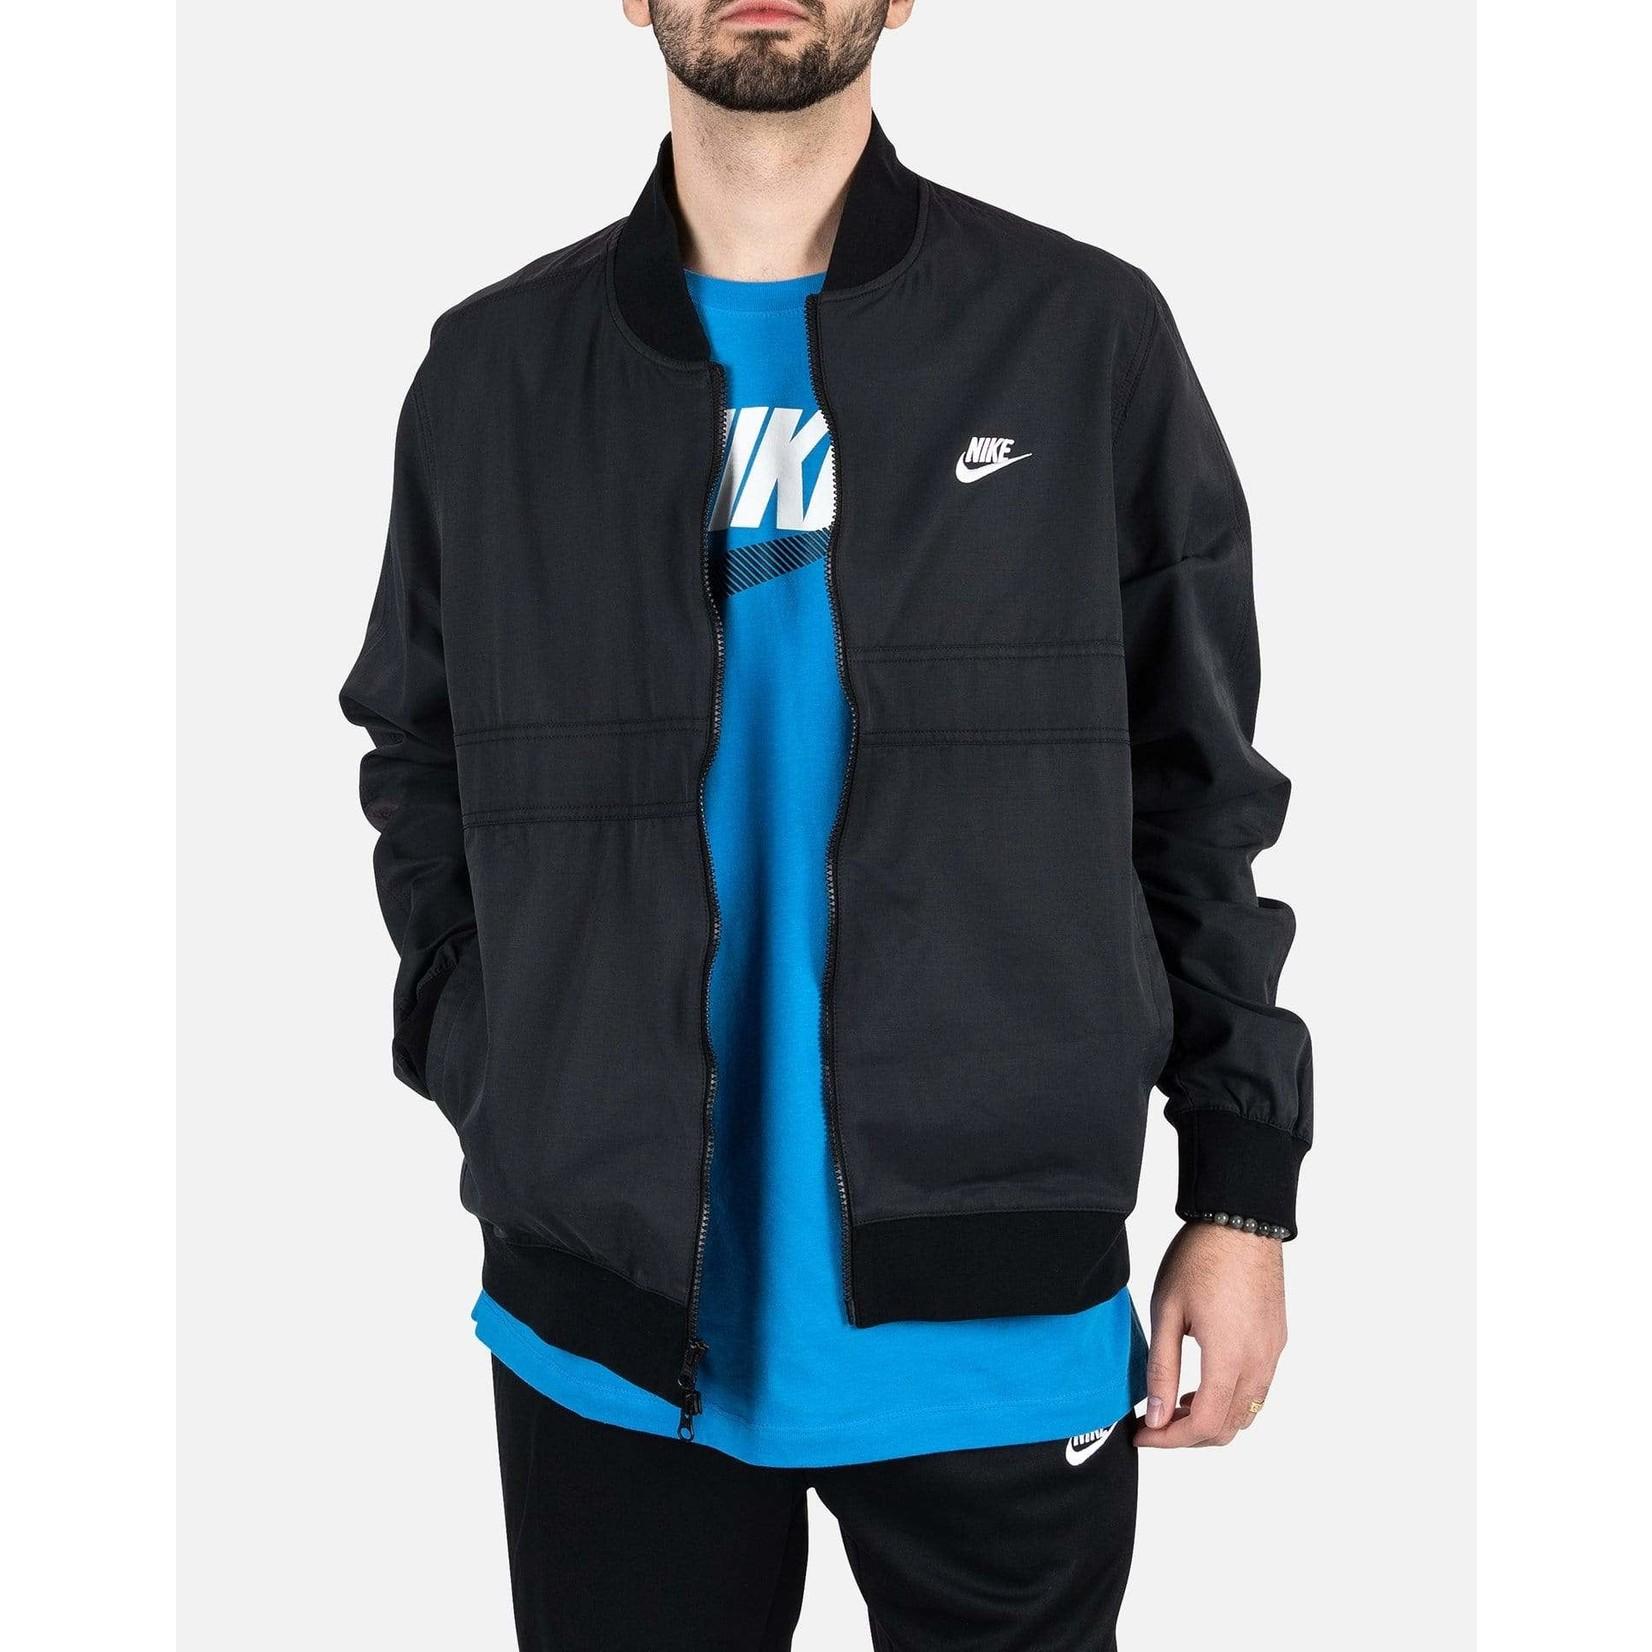 Nike Nike Jacket, Sportswear, Mens